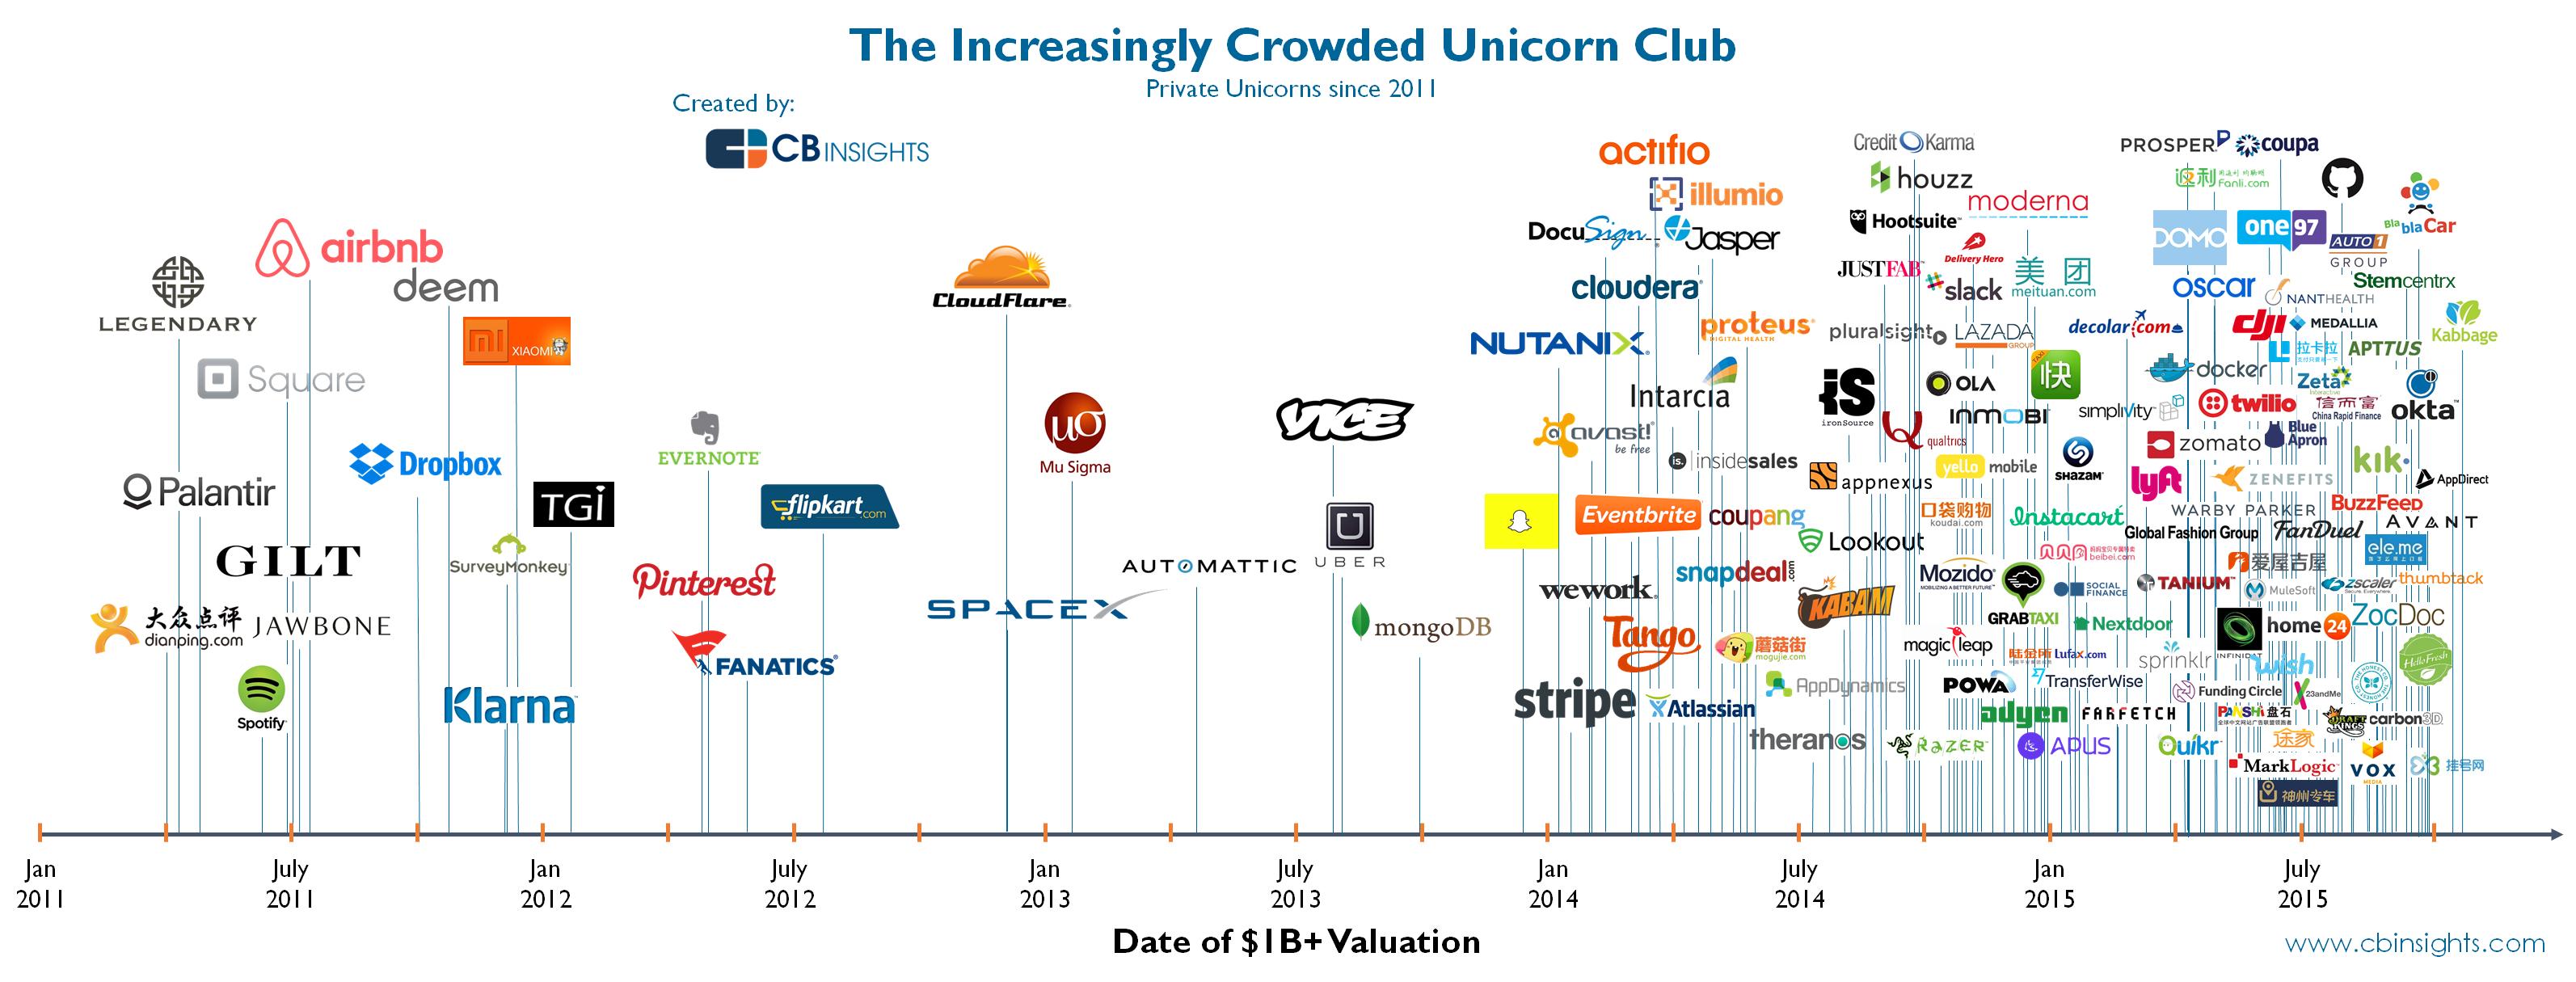 Private Unicorns since 2011